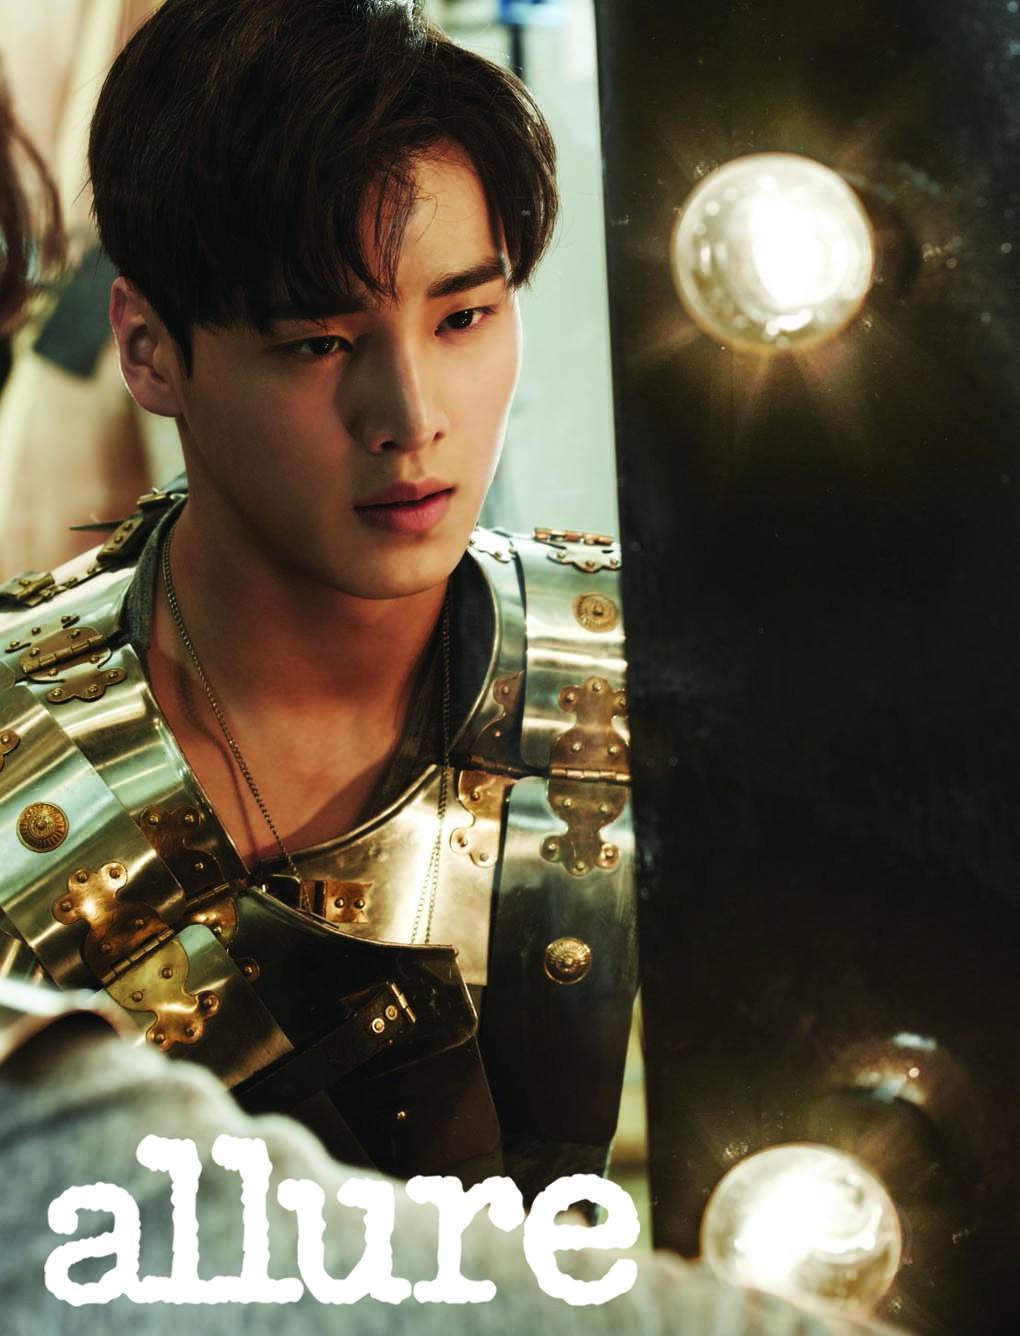 Nhan sắc cực phẩm của dàn sao hot nhất Thư Ký Kim: Đệ nhất dao kéo lên ngôi, nam phụ xuất sắc không kém nam chính - Ảnh 23.